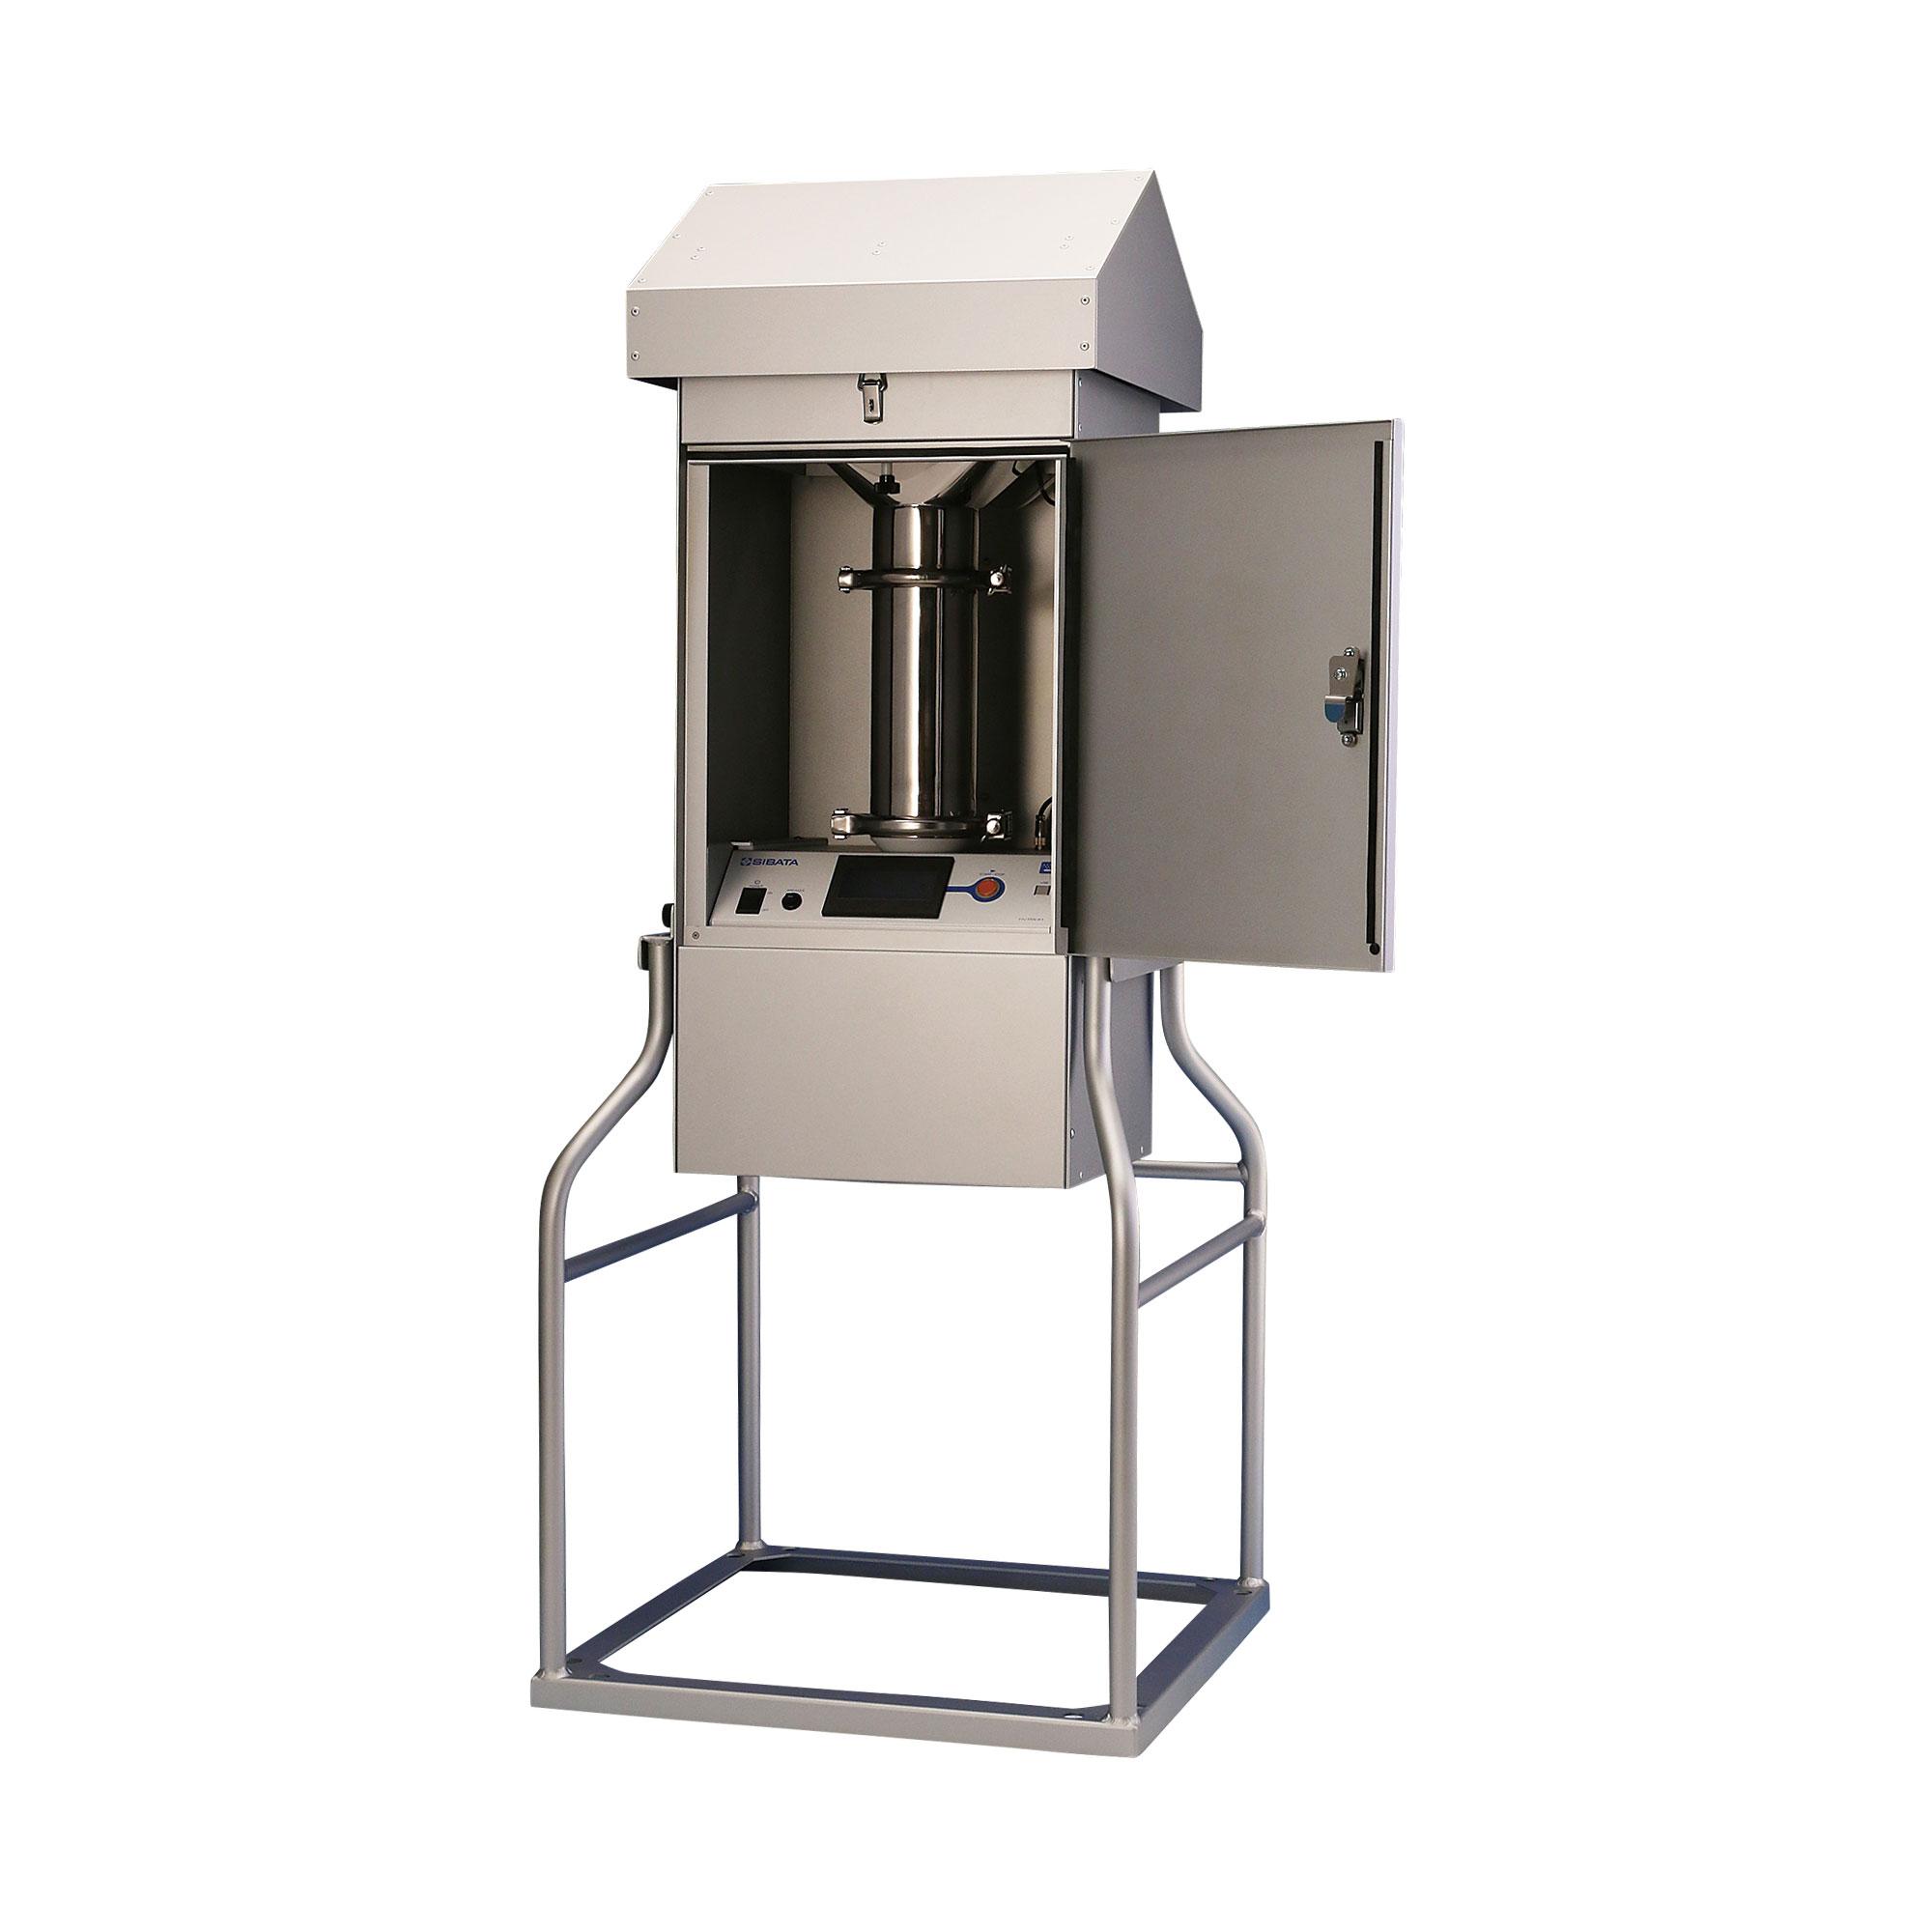 ハイボリウムエアサンプラー HV-RW(粉じん用)